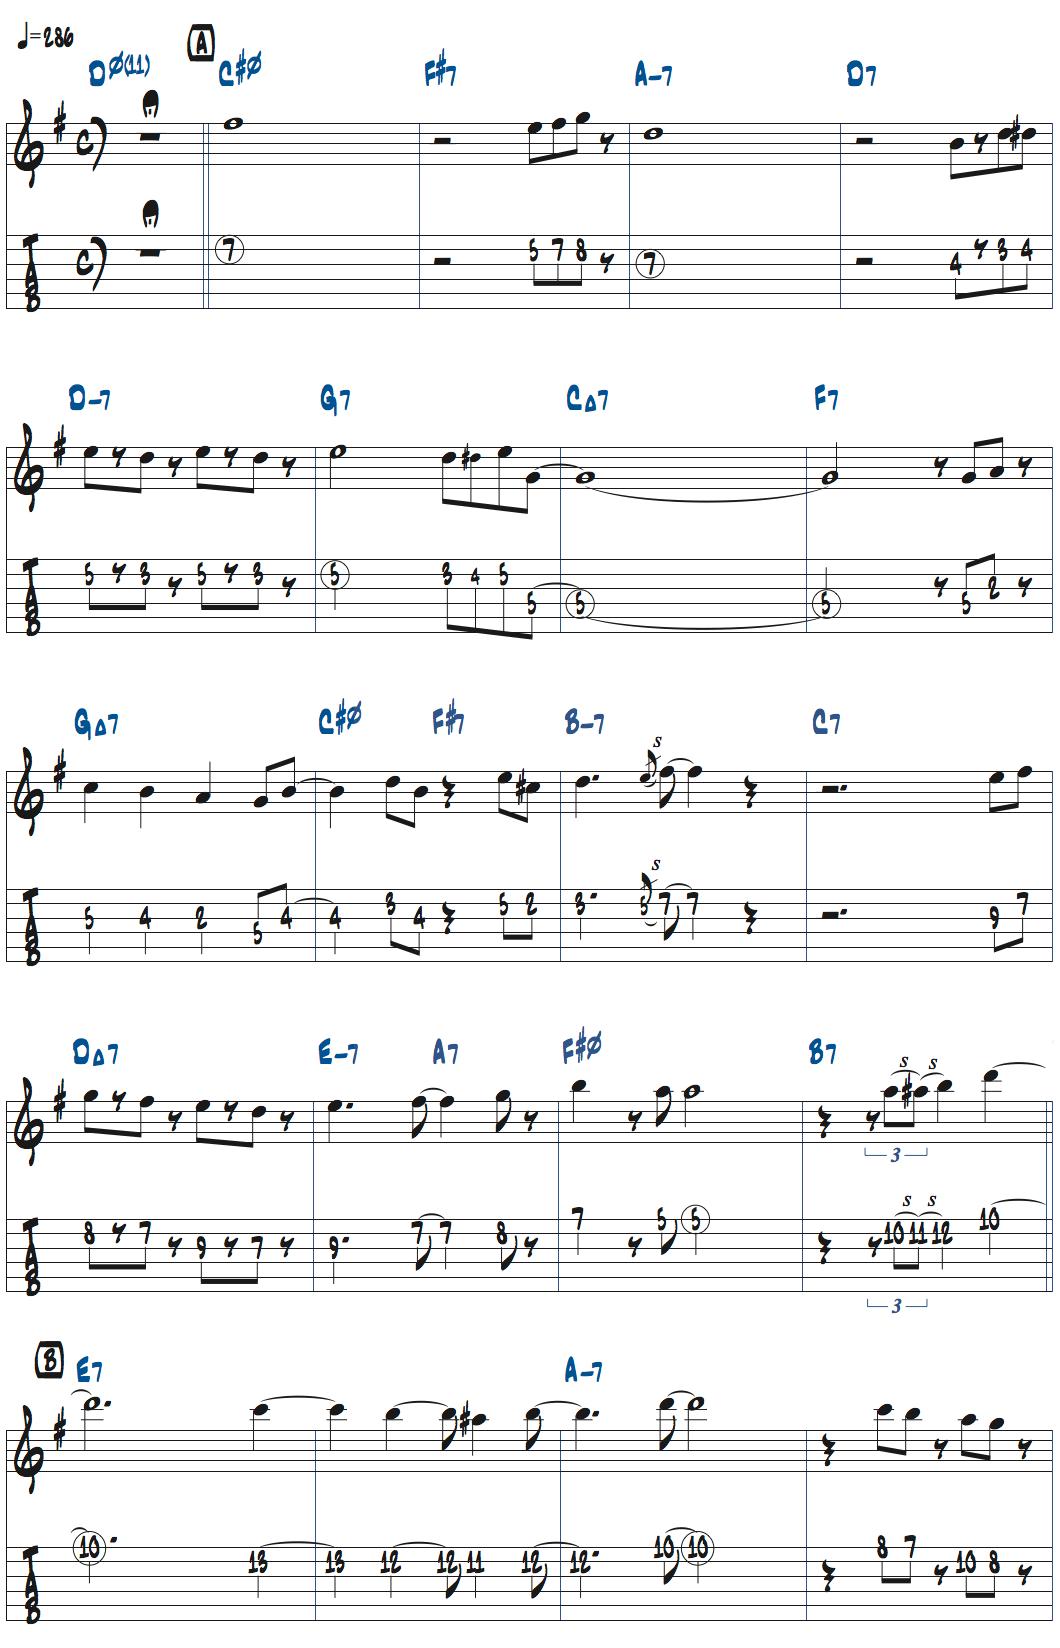 タル・ファーロウStella By Starlightの前テーマ・メロディ楽譜ページ1